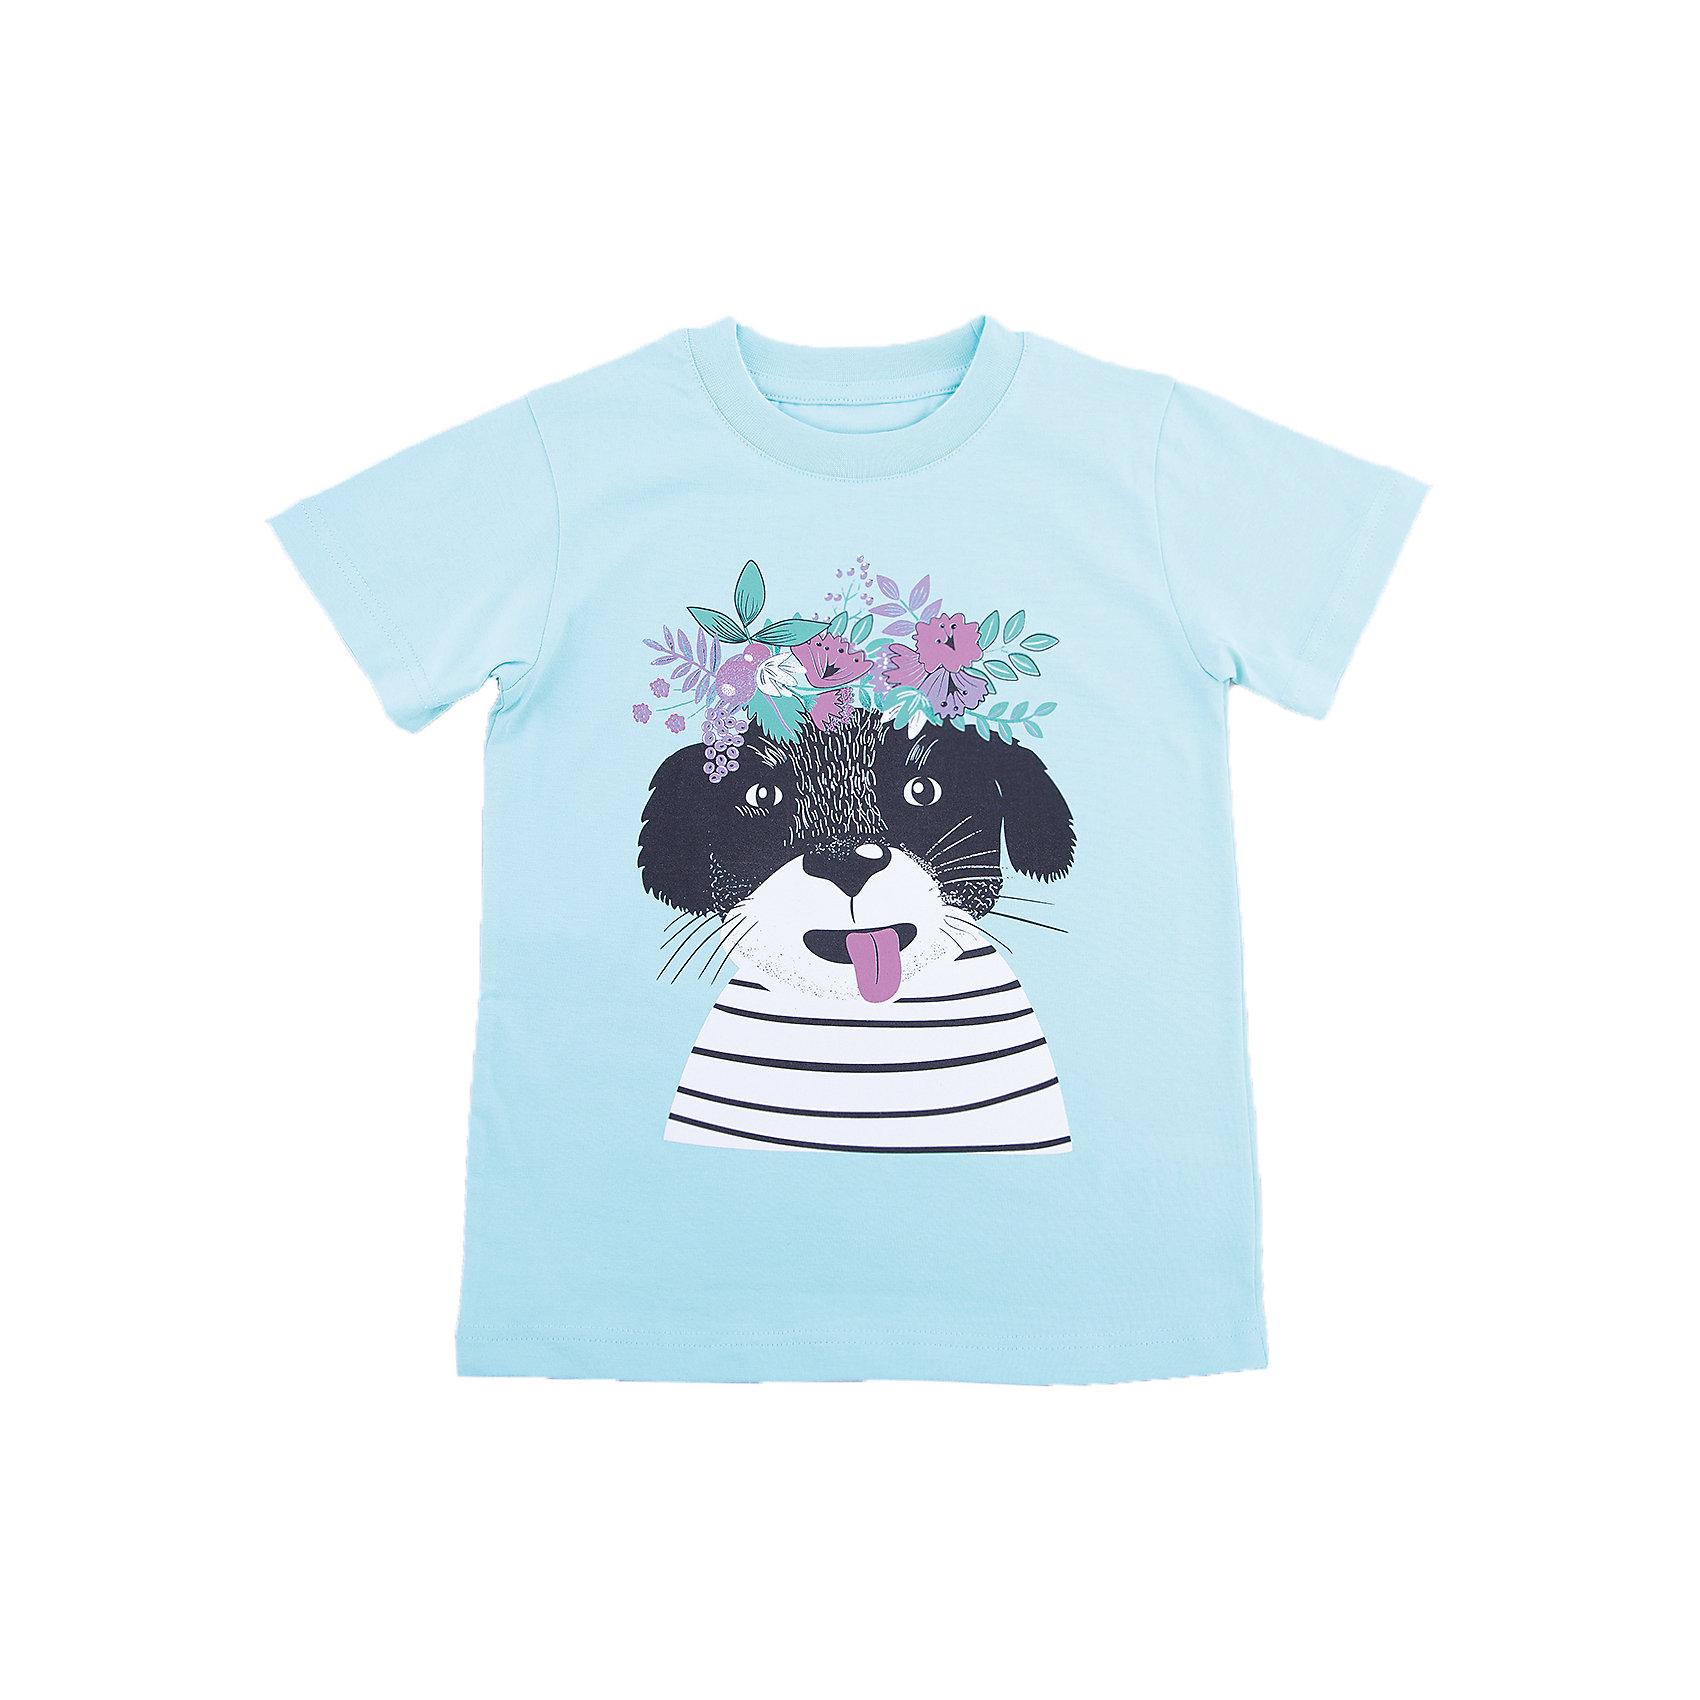 Футболка для девочки WOWФутболки, поло и топы<br>Футболка для девочки WOW<br>Незаменимой вещью в  гардеробе послужит футболка с коротким рукавом. Стильная и в тоже время комфортная модель, с яркой оригинальной печатью, будет превосходно смотреться на ребенке.<br>Состав:<br>кулирная гладь 100% хлопок<br><br>Ширина мм: 199<br>Глубина мм: 10<br>Высота мм: 161<br>Вес г: 151<br>Цвет: голубой<br>Возраст от месяцев: 72<br>Возраст до месяцев: 84<br>Пол: Женский<br>Возраст: Детский<br>Размер: 122,98,104,110,116<br>SKU: 6871563